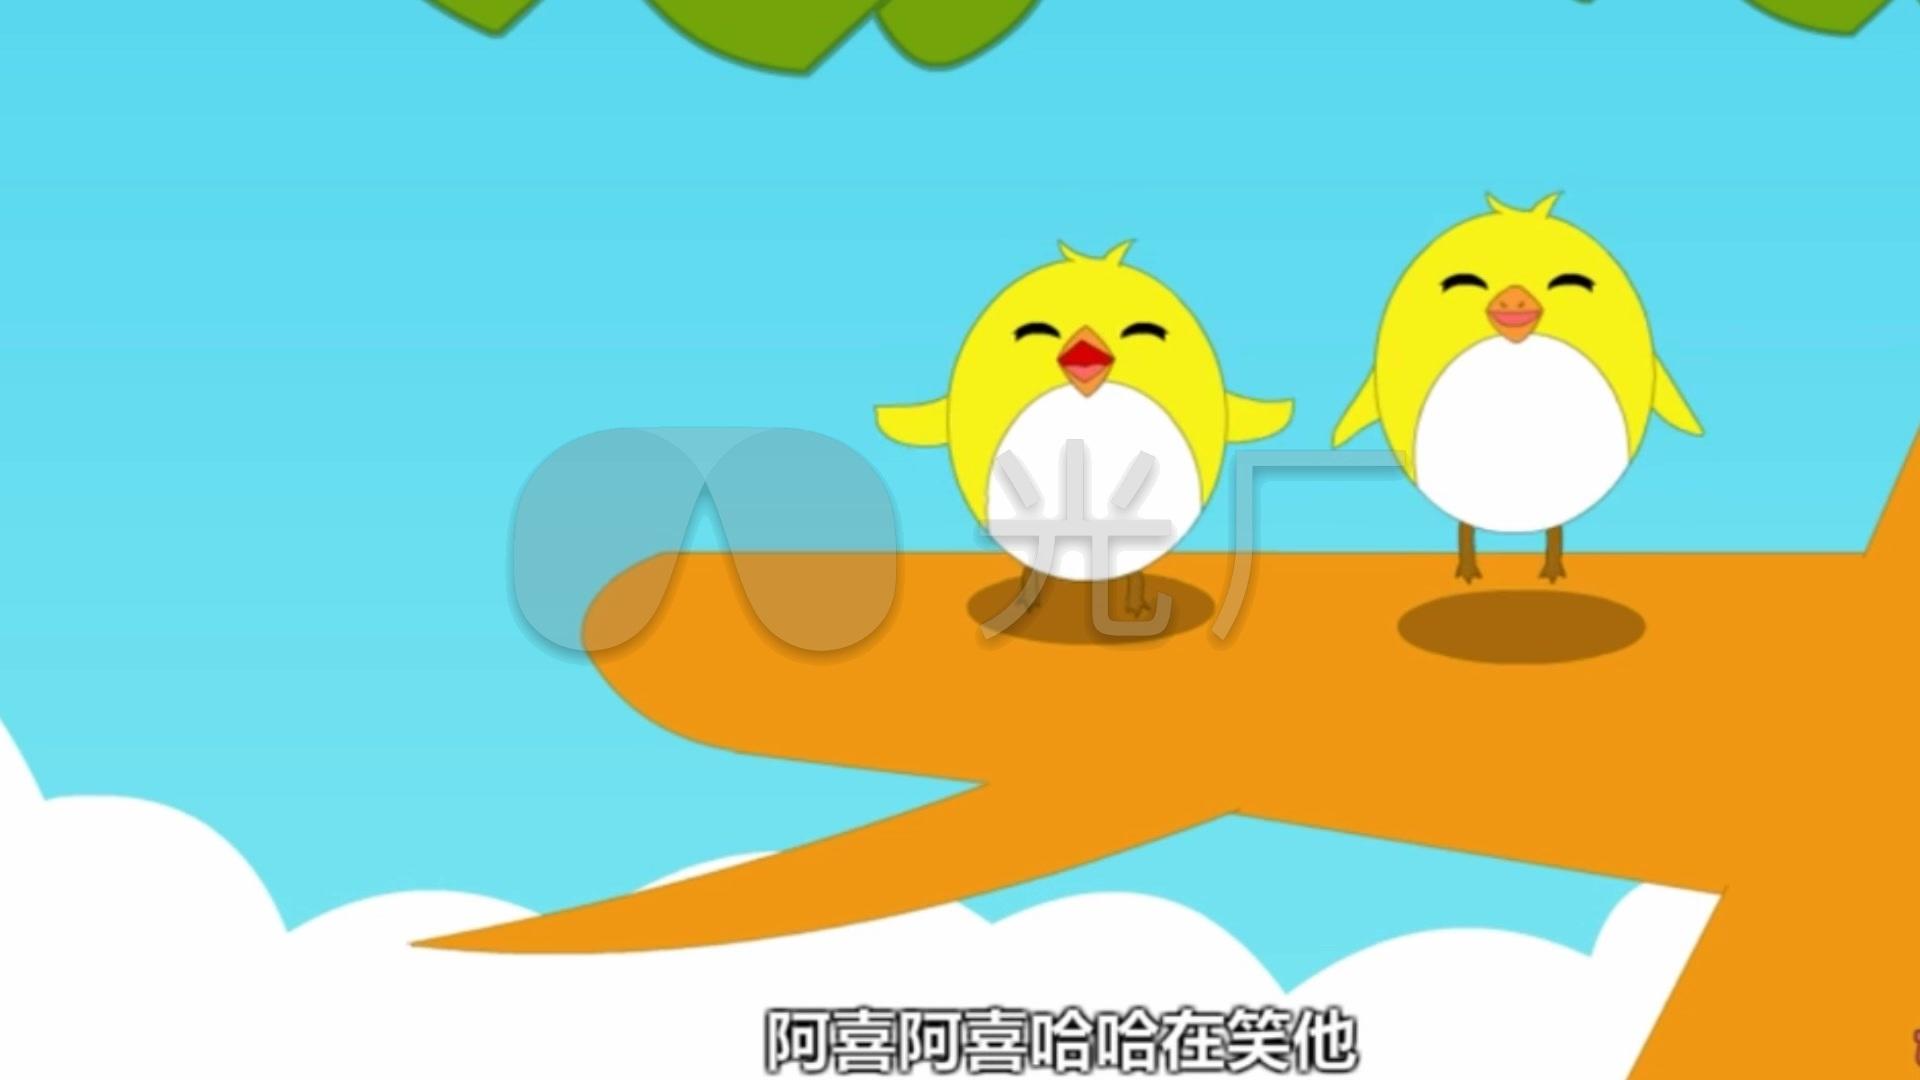 春动画与鸟儿卡通歌蜗牛瓶盖版黄鹂_1920X1扭技巧视频图片